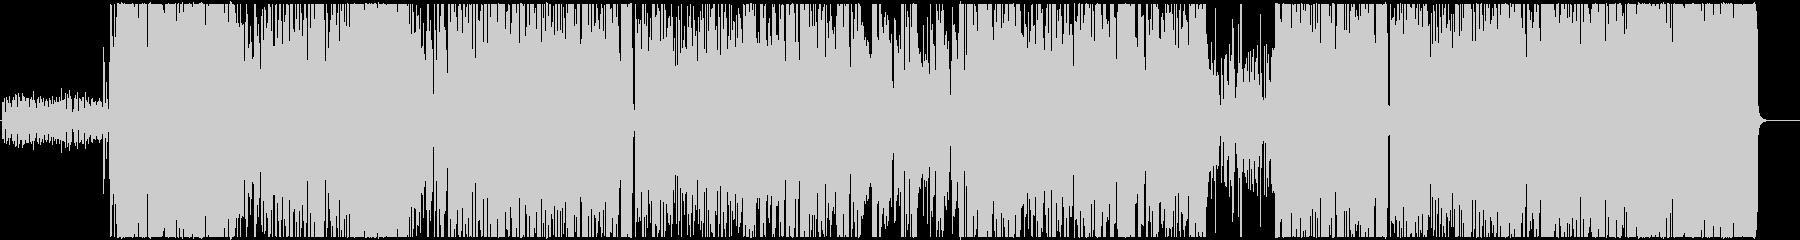 オシャレなピアノトリオ風ジャズワルツの未再生の波形